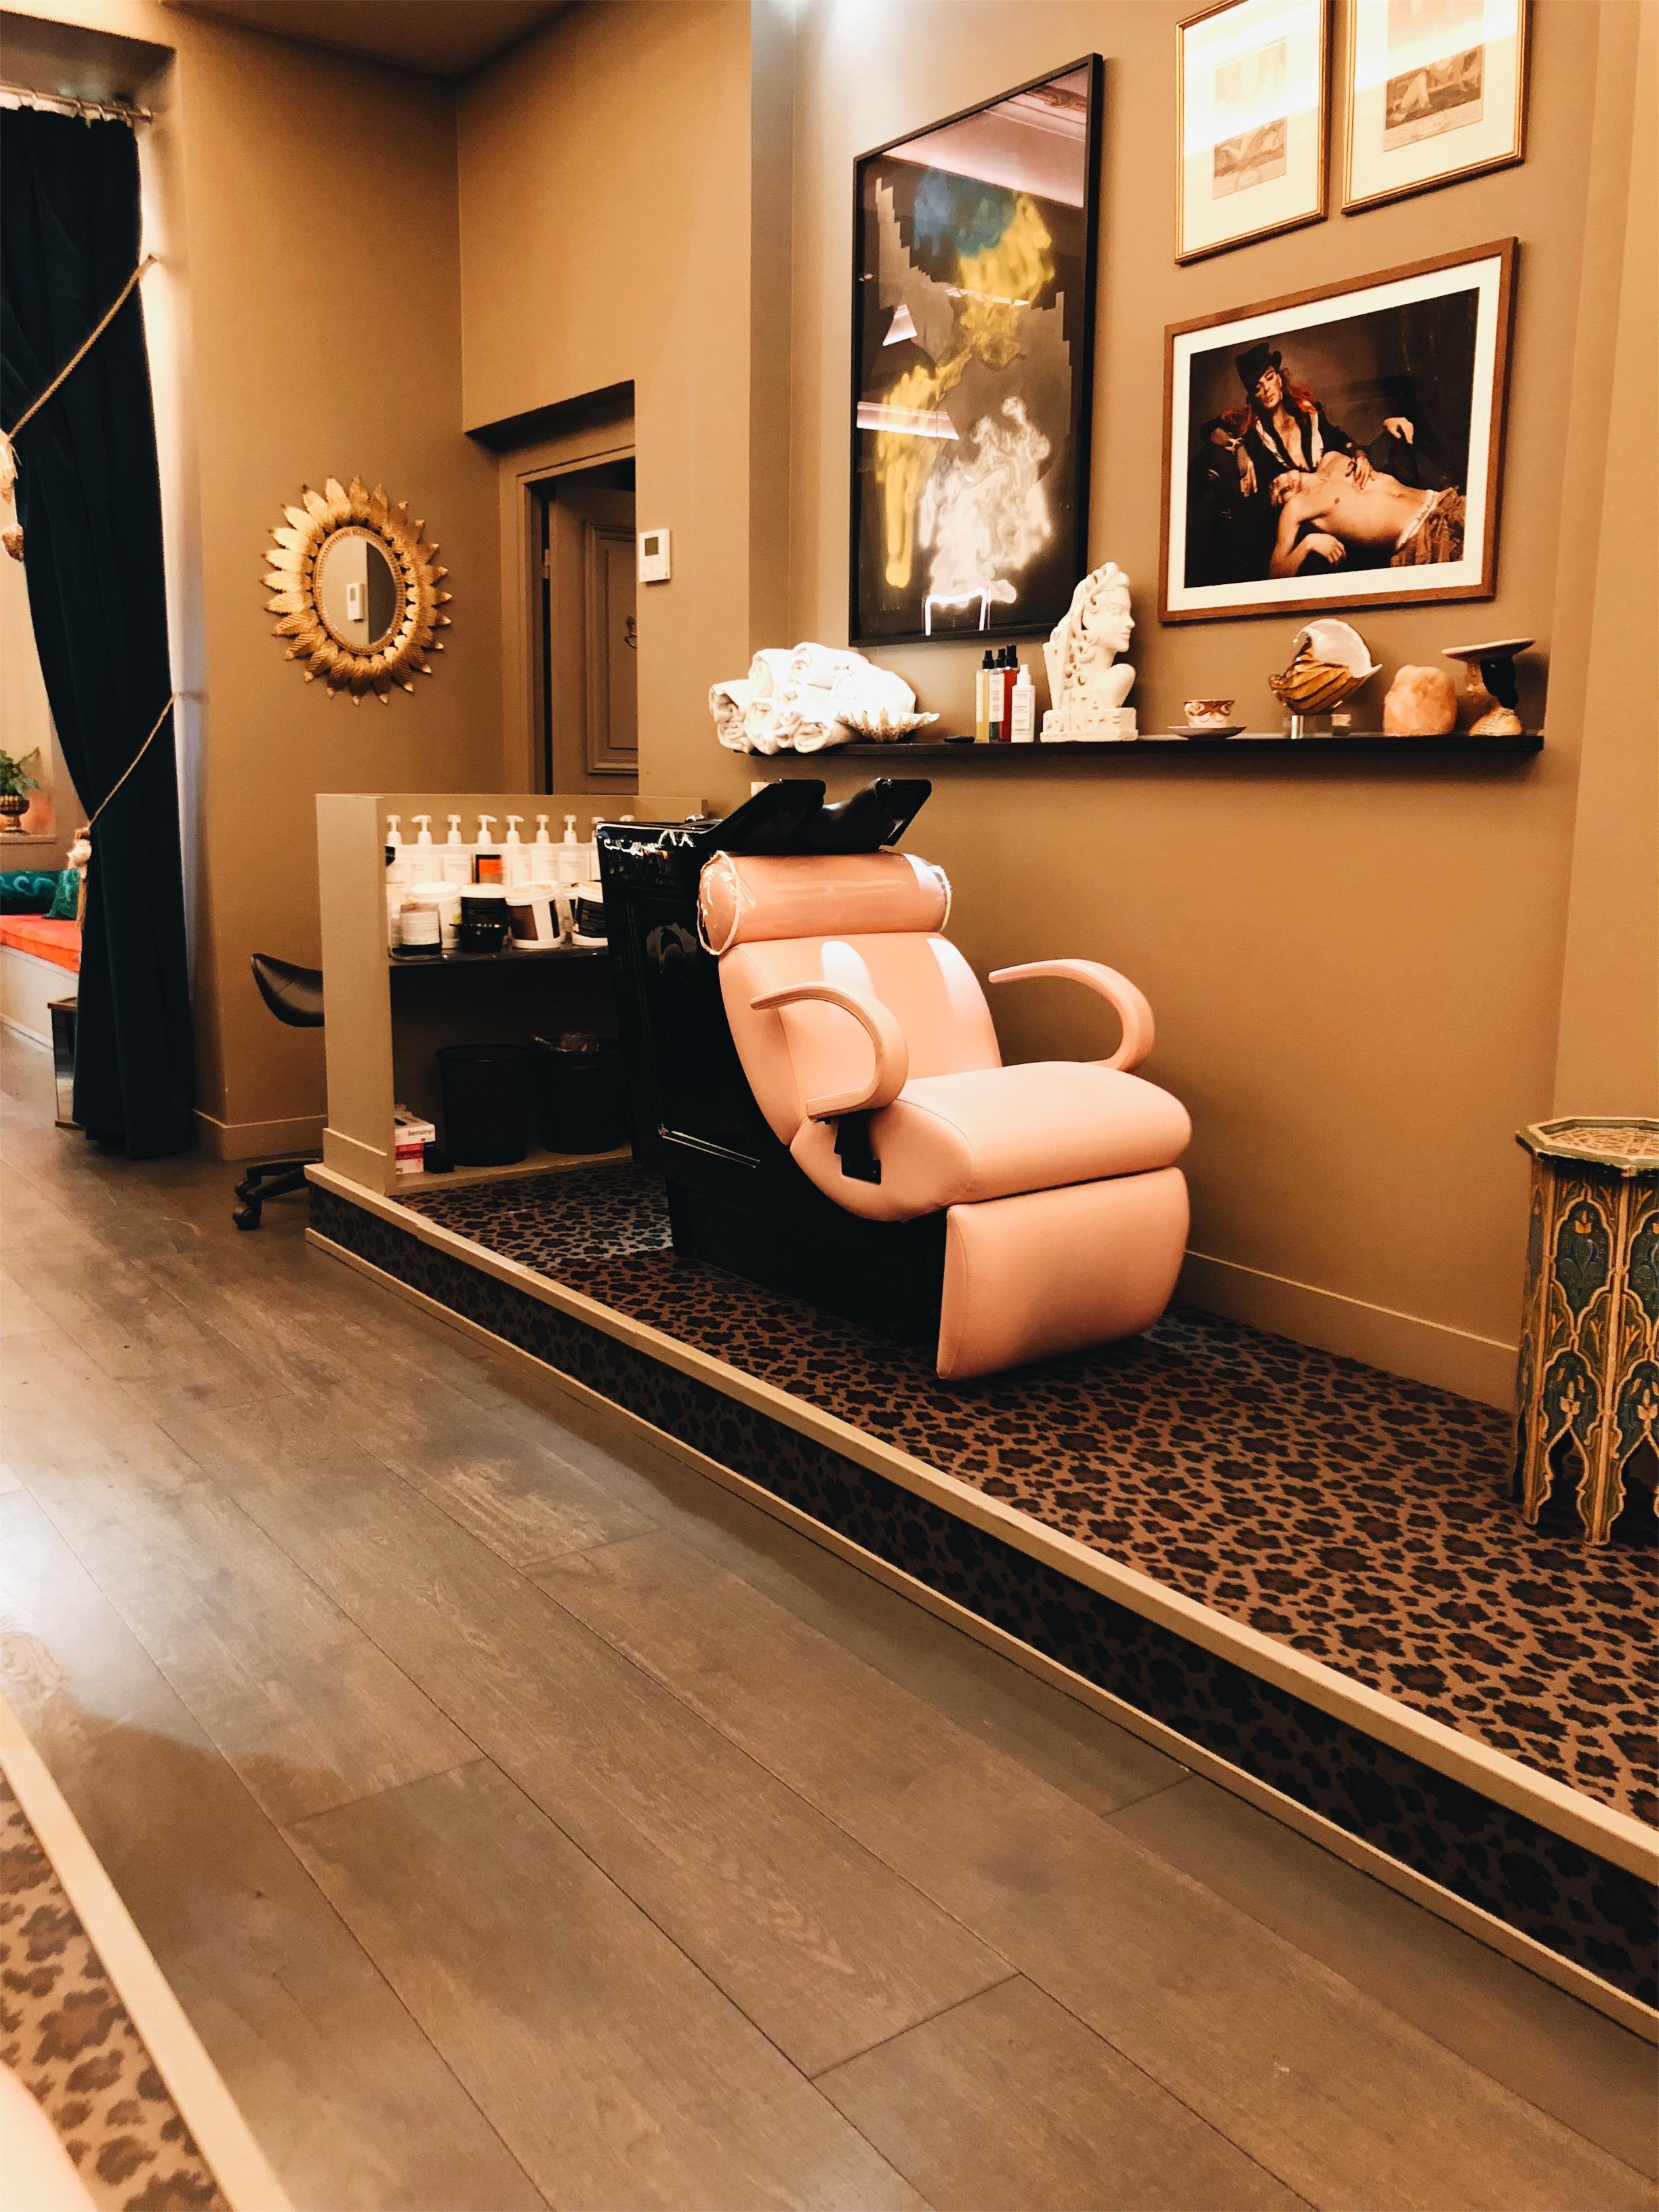 Image+JPEG 72305CA2C8AC 5 - Salvei a cor do meu cabelo no salão do Christophe Robin em Paris